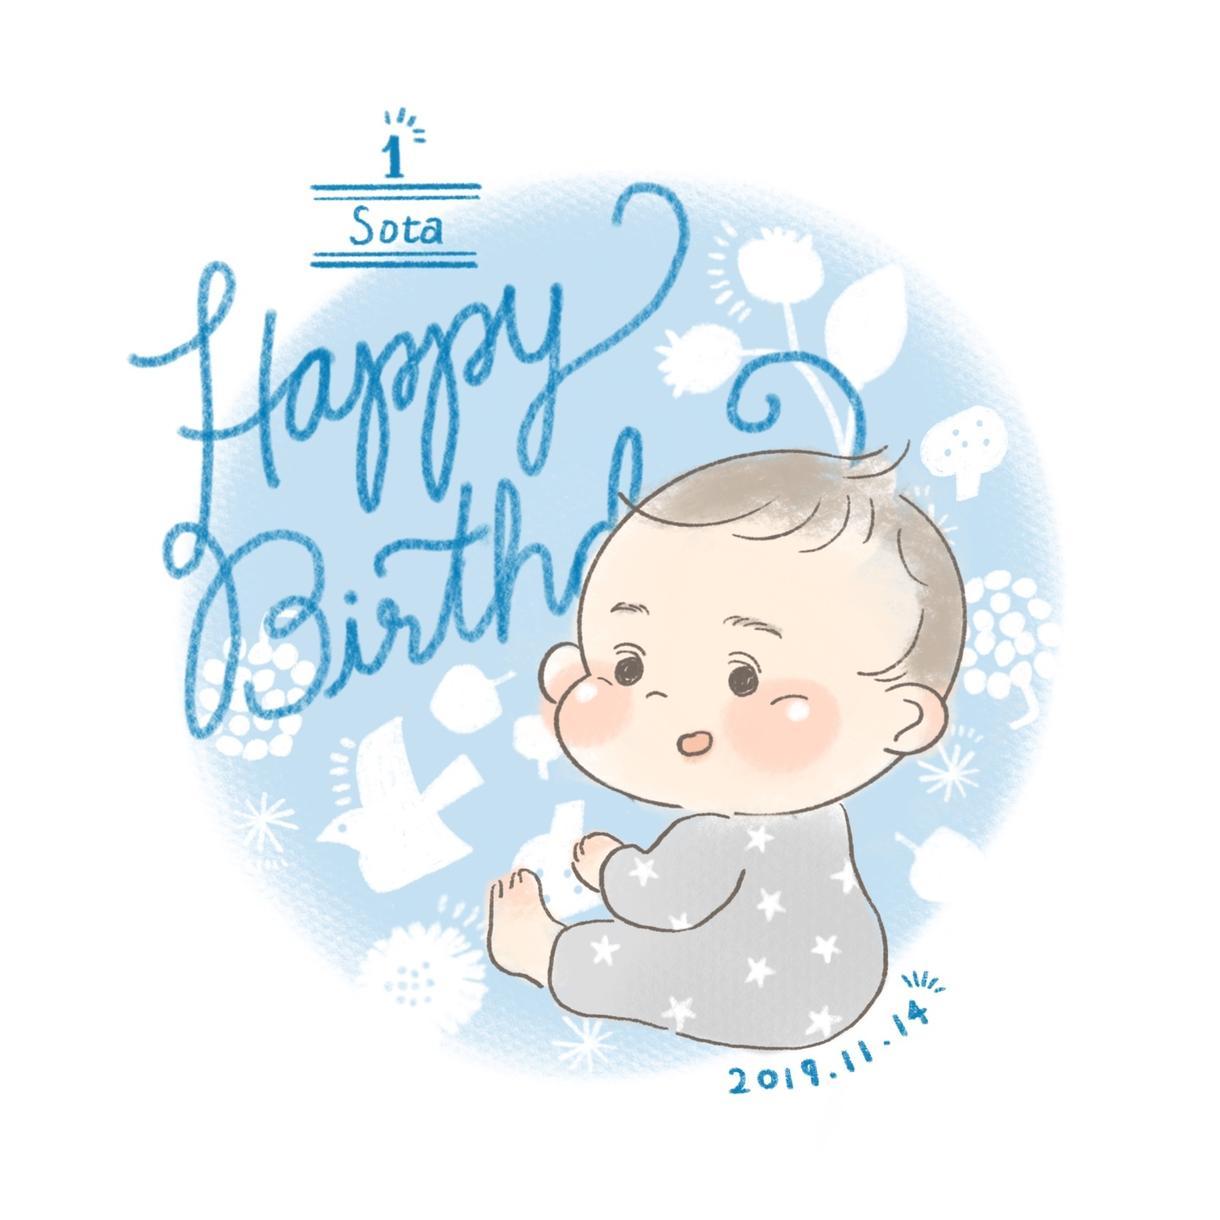 お子さんの誕生日に!ほっこり可愛いイラスト描きます ご希望に沿った世界に一つだけのイラスト イメージ1